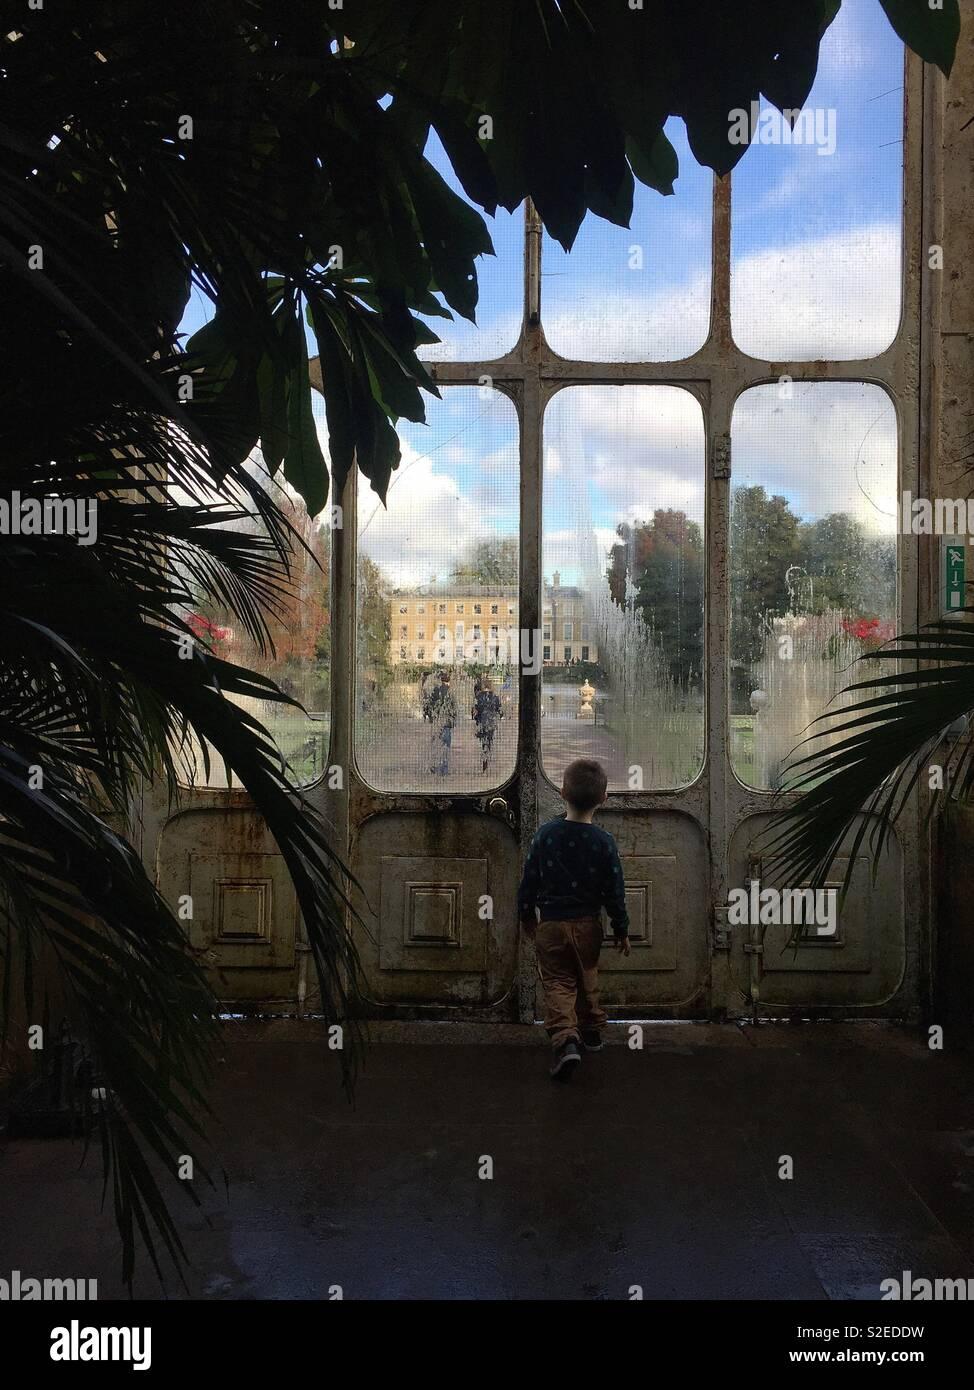 Enfant de la Palm House de Kew Gardens, Londres Banque D'Images